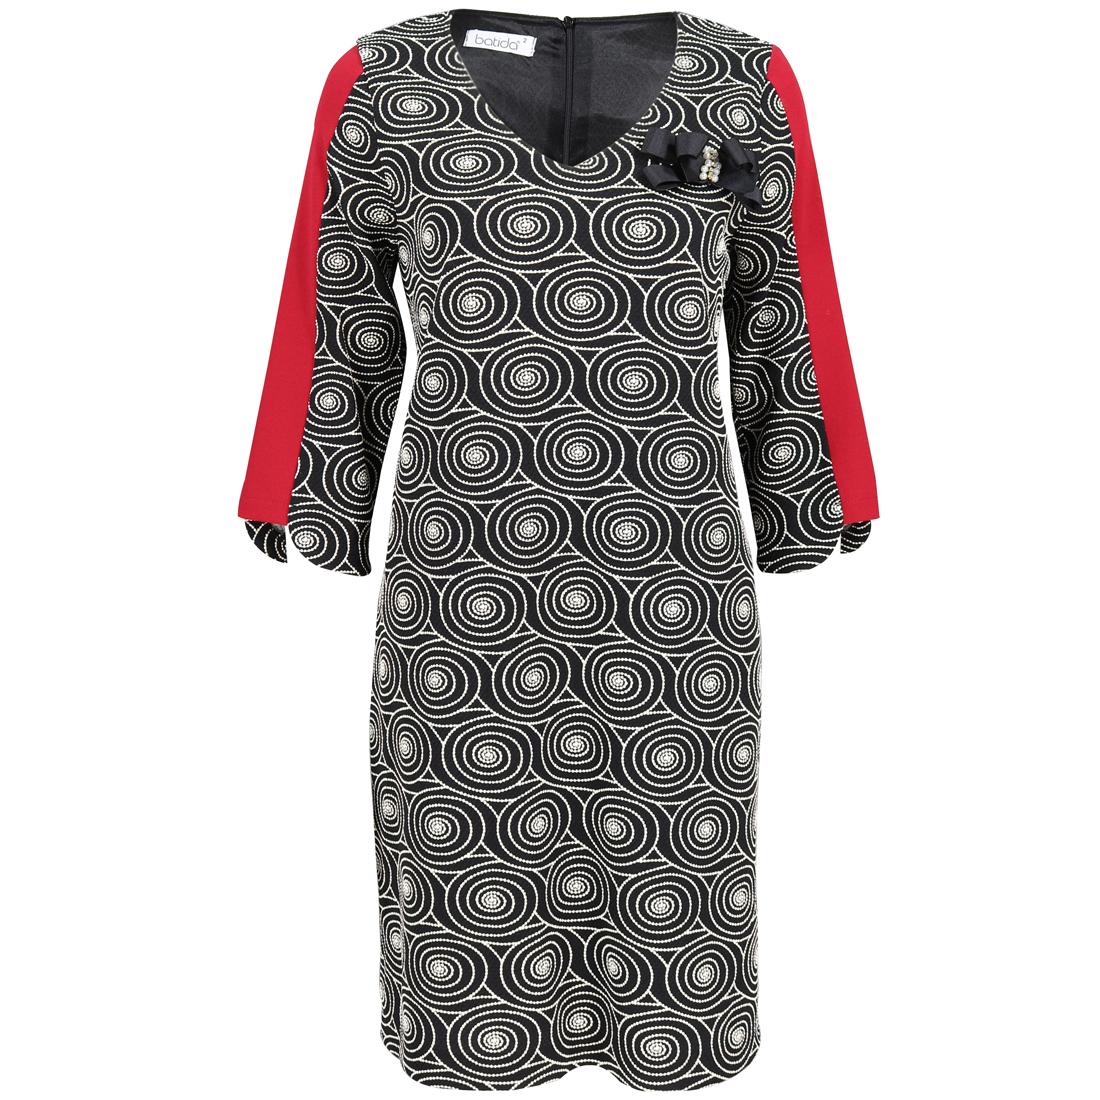 Batida jurk 7347 in het Rood